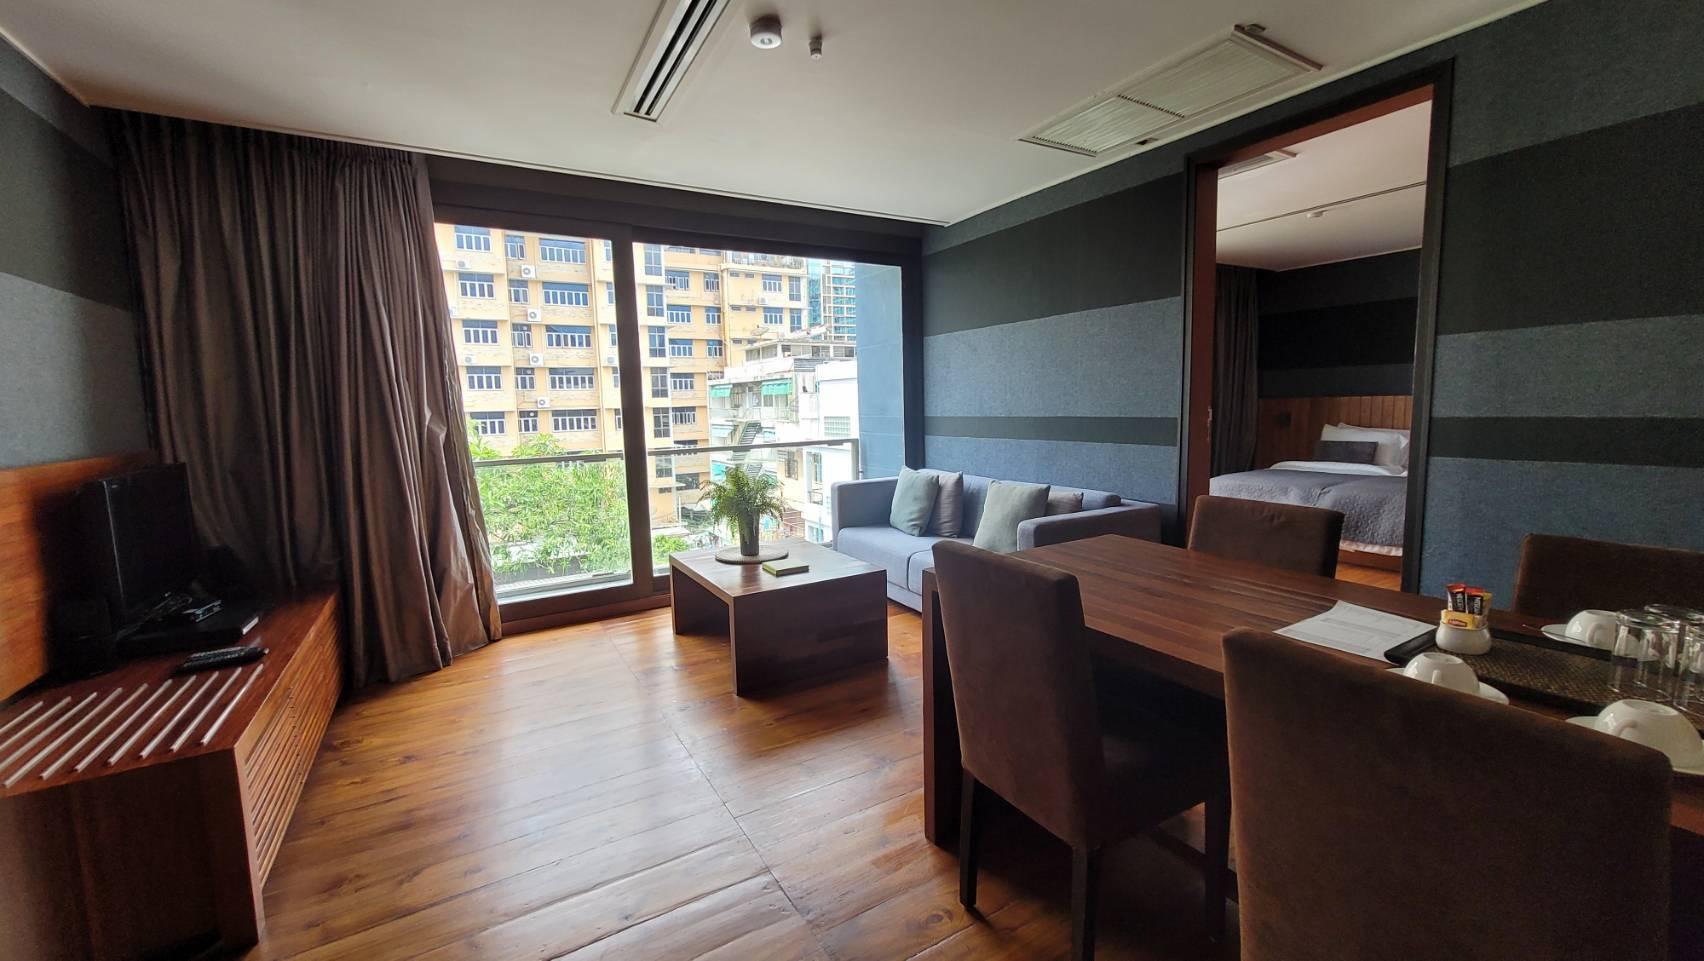 Apartment in Langsuan